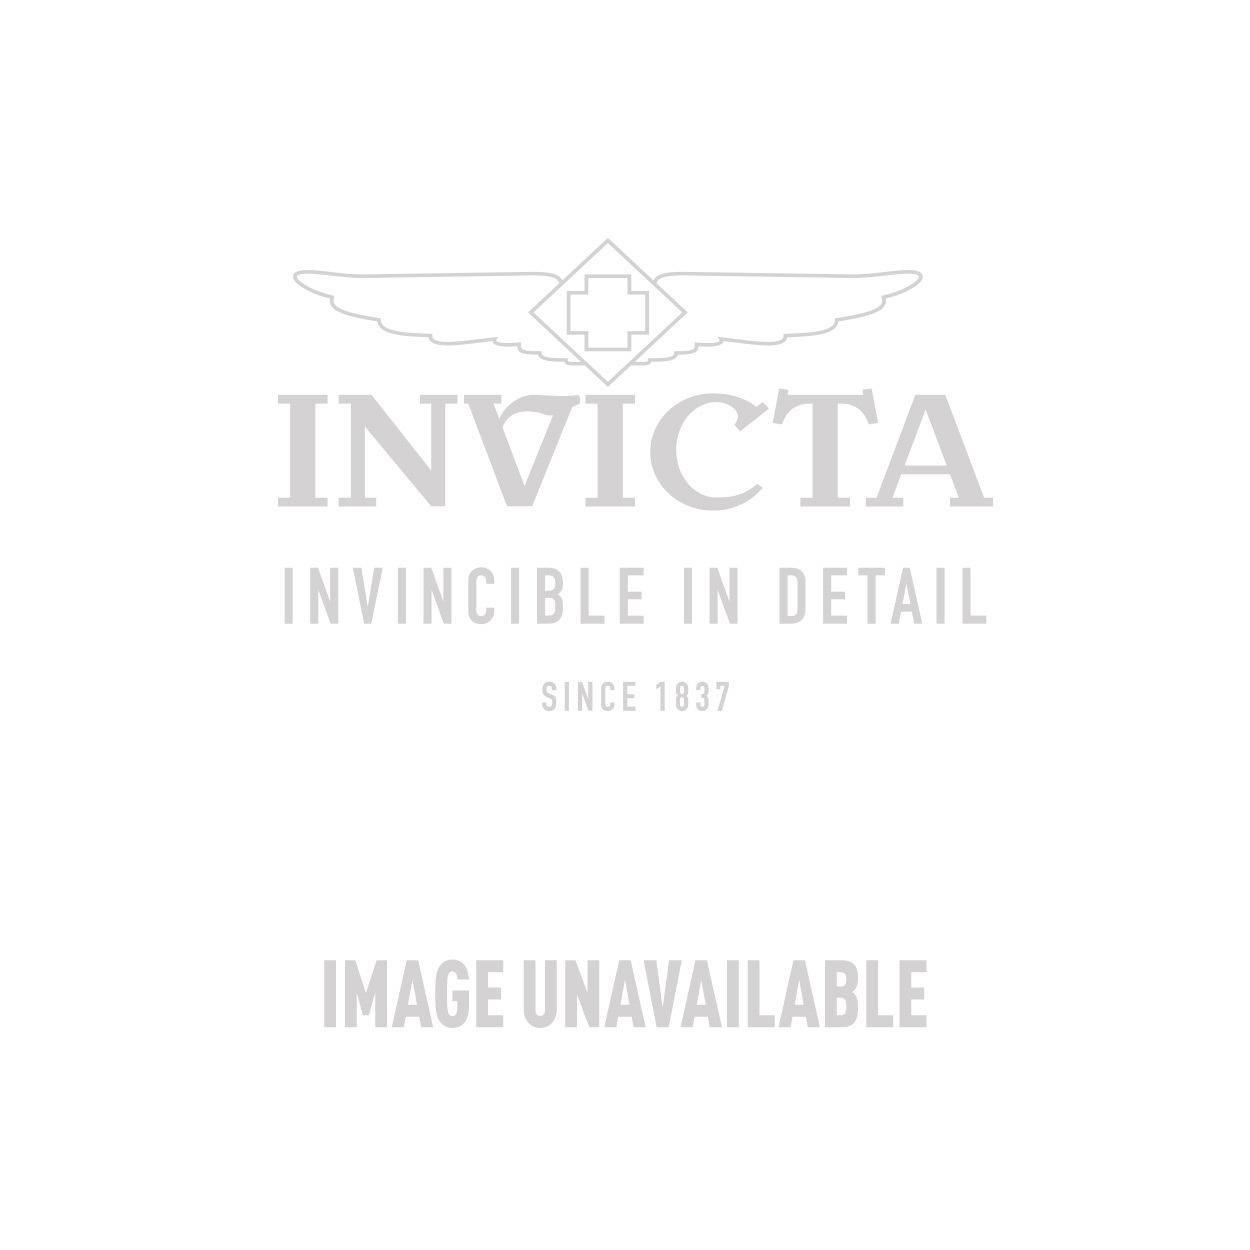 Invicta Model 28828